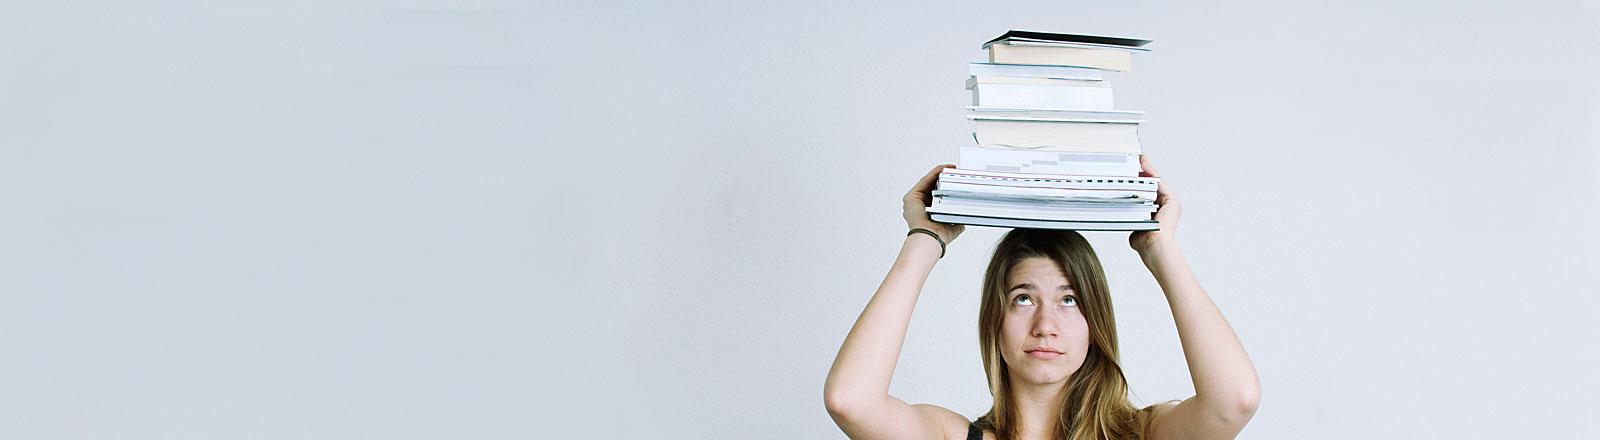 Eine Studentin mit Büchern auf dem Kopf balancierend